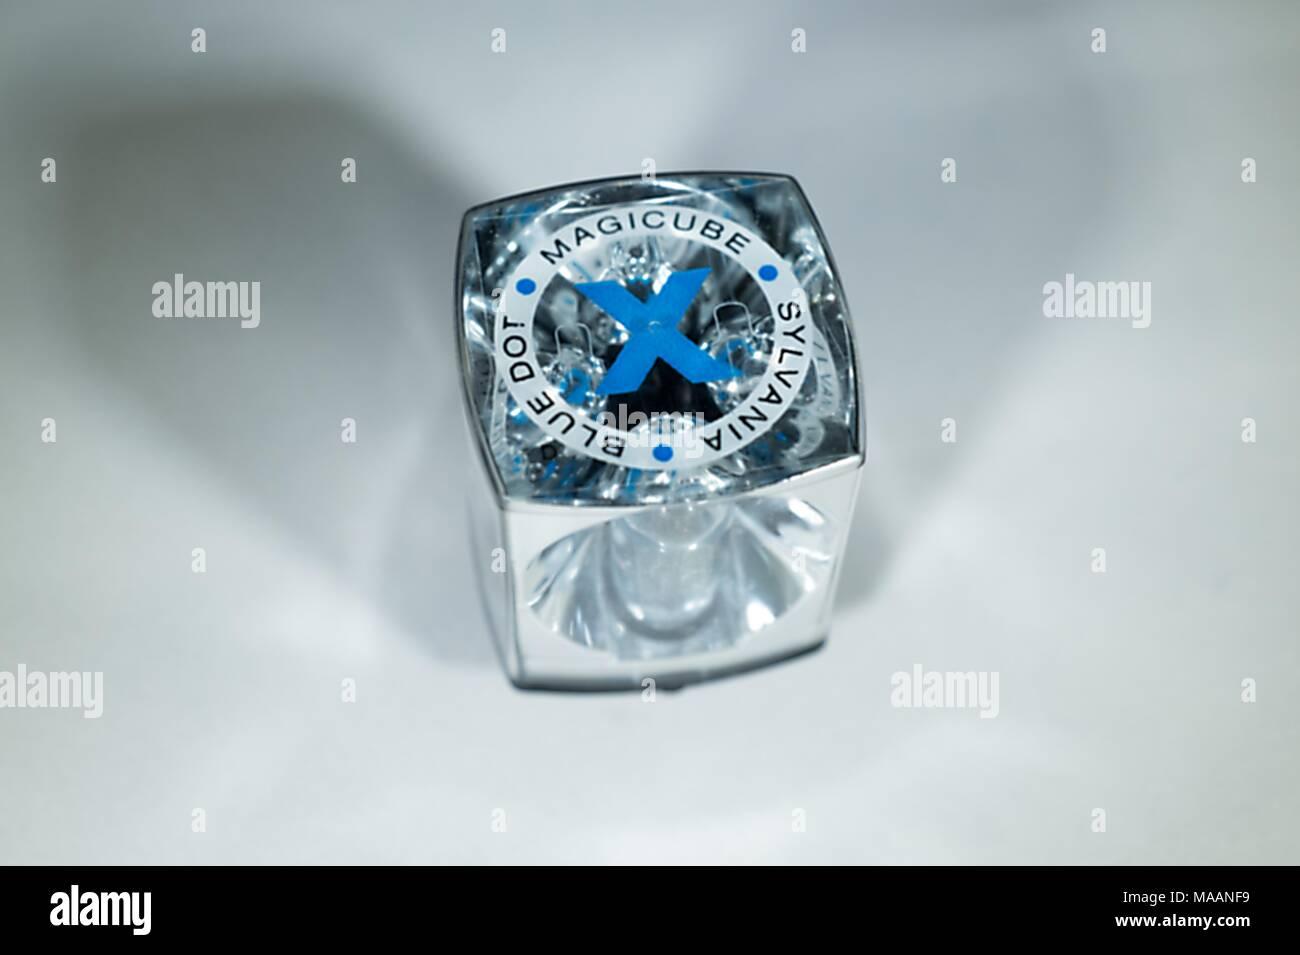 Close-up di Sylvania Blue Dot Magicube, uno dei primi quattro facciate cubo flash utilizzato con degli anni settanta era Kodak fotocamere Instamatic Febbraio 5, 2018. Ogni cubo consentito per quattro lampeggi e ruotato tra esposizioni prima di essere eliminato. () Immagini Stock